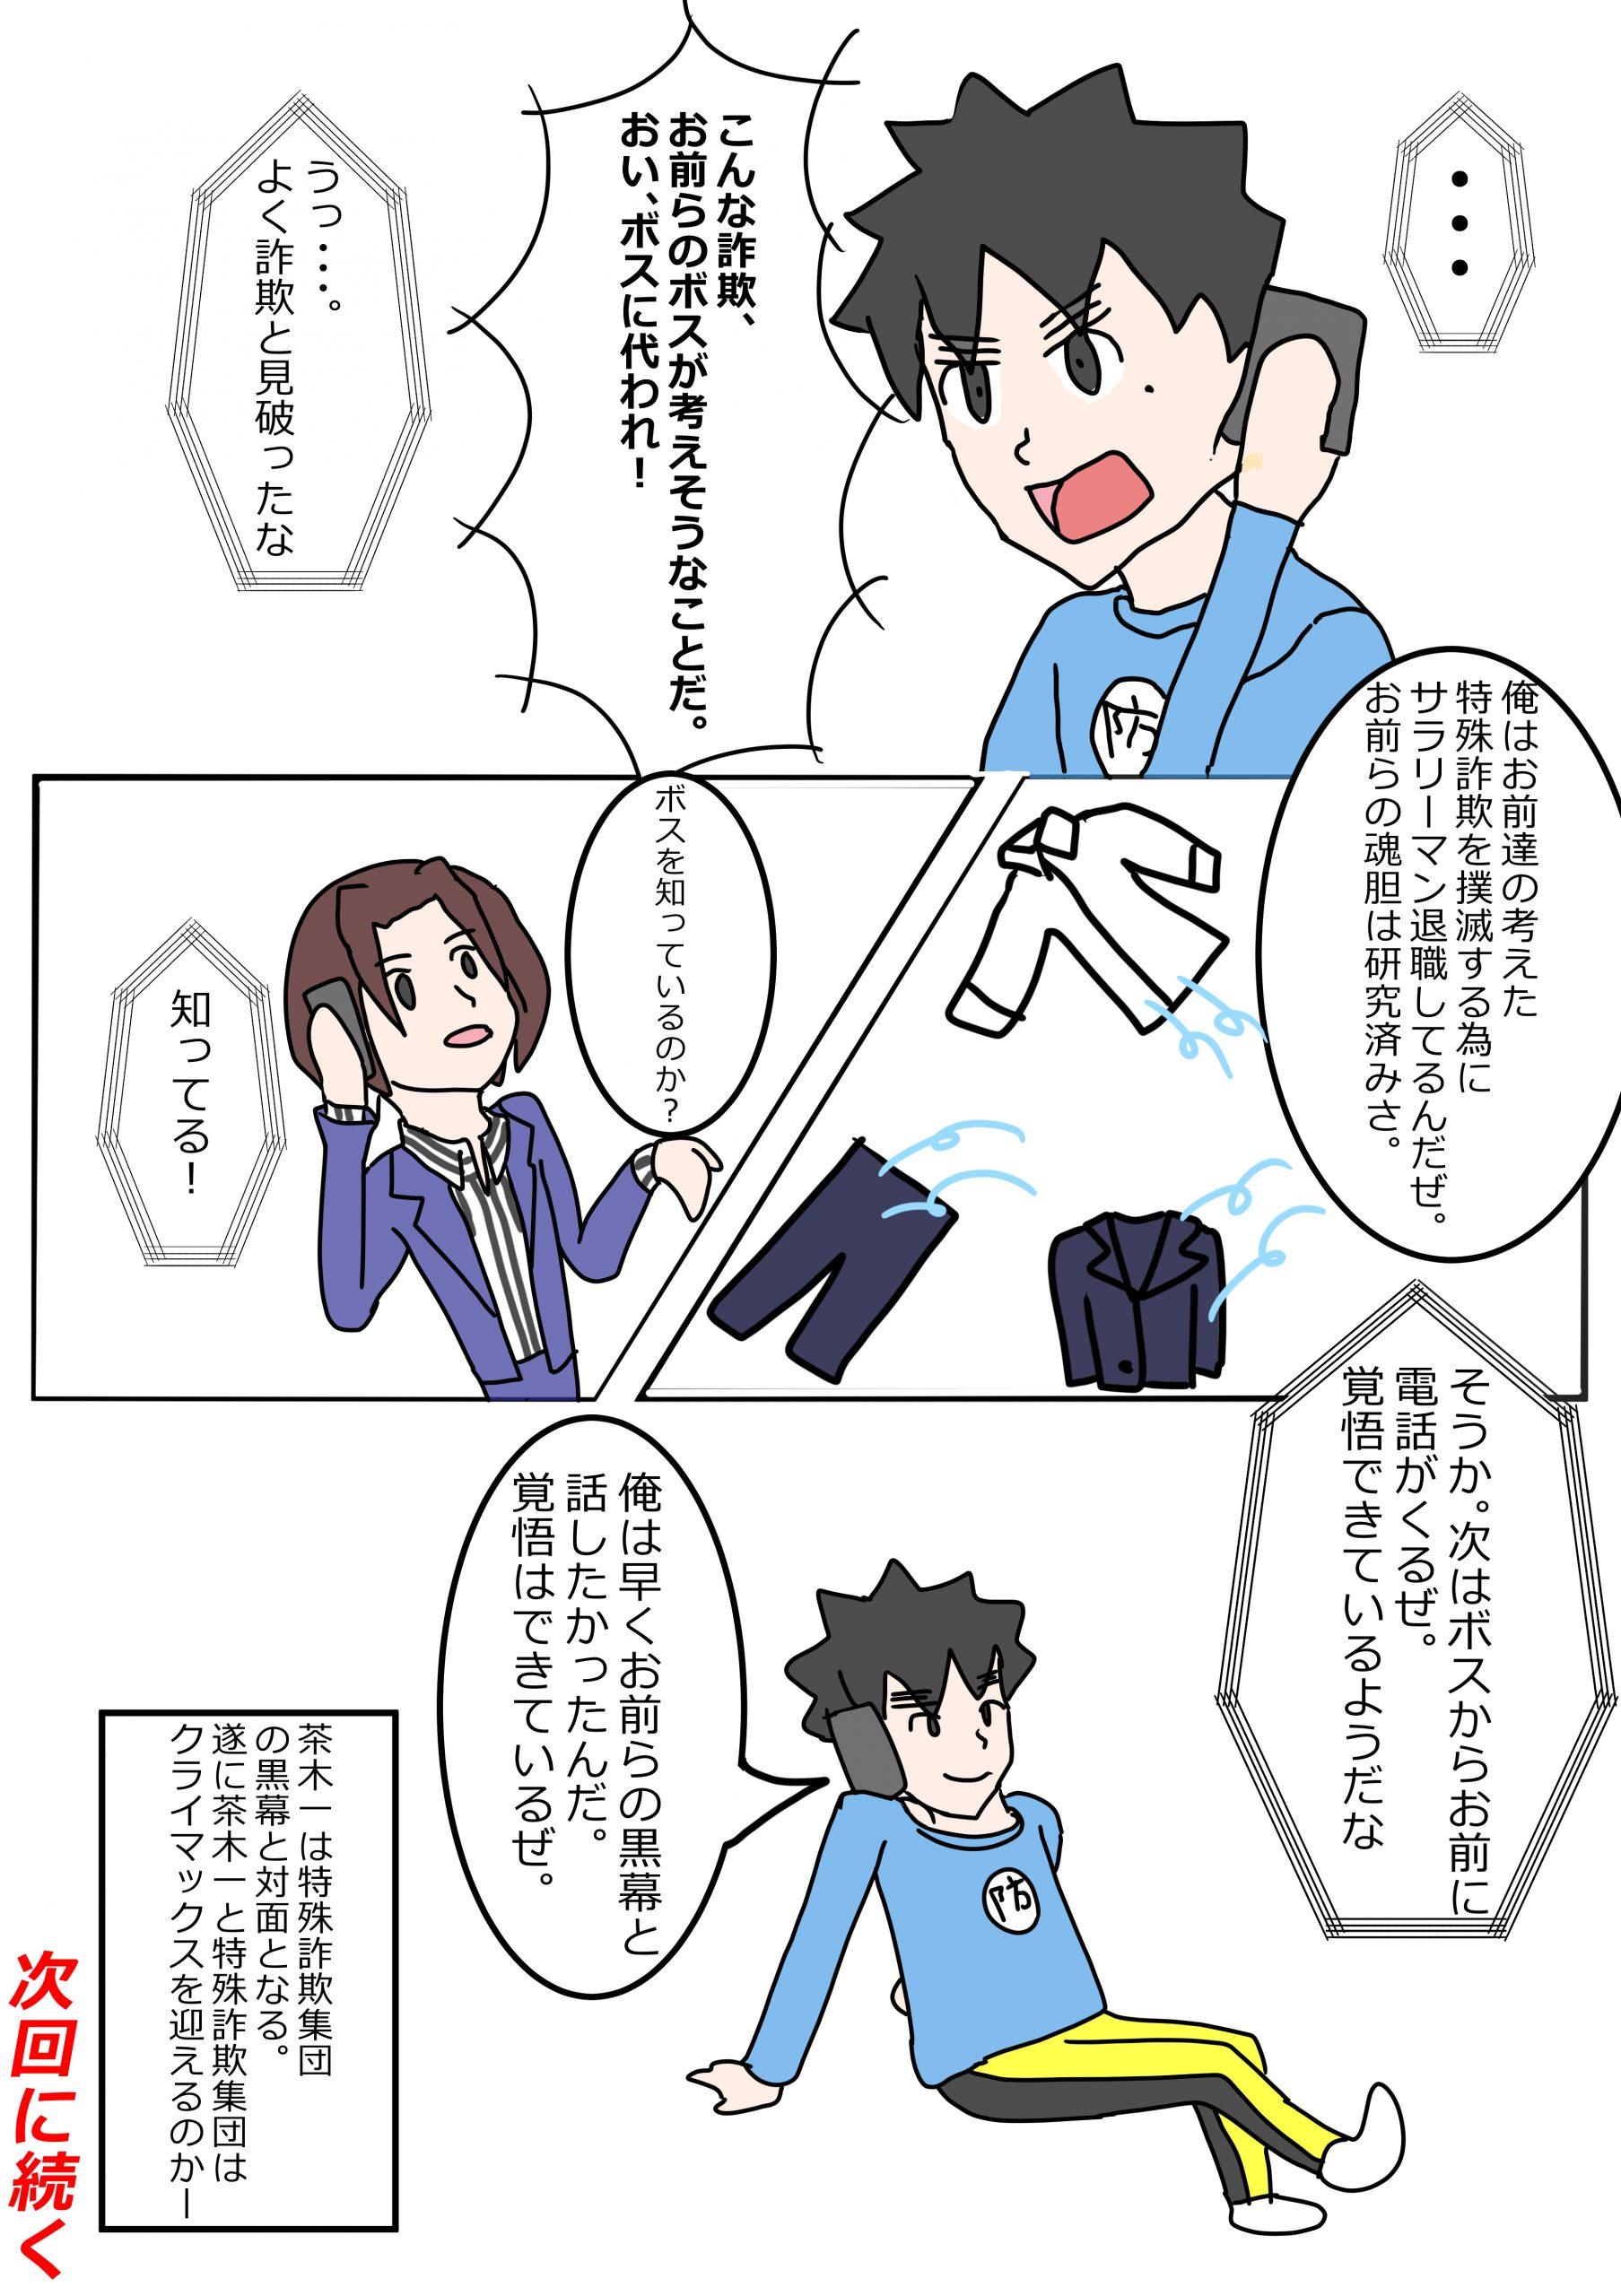 特殊詐欺ぼうしくん4-8